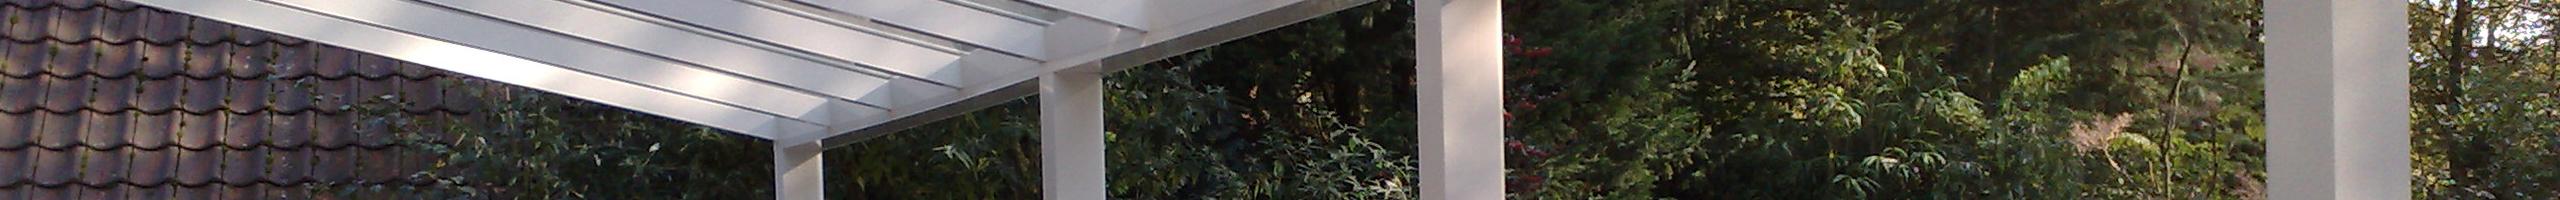 veranda_banner